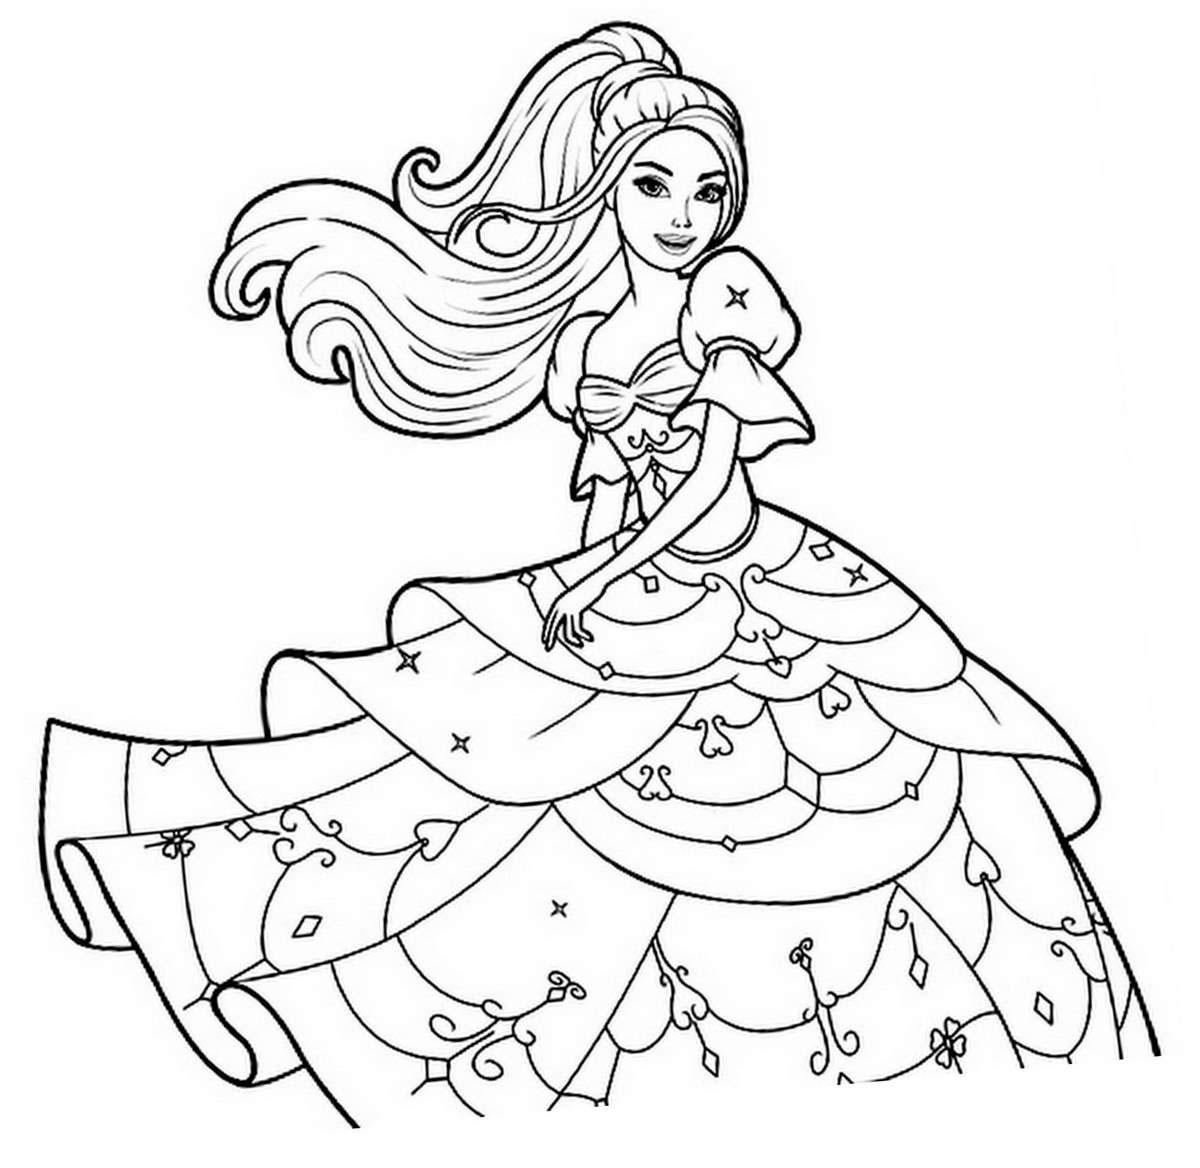 Coloriage - Images Et Dessins » Vacances - Arts- Guides Voyages avec Coloriage Dora Princesse